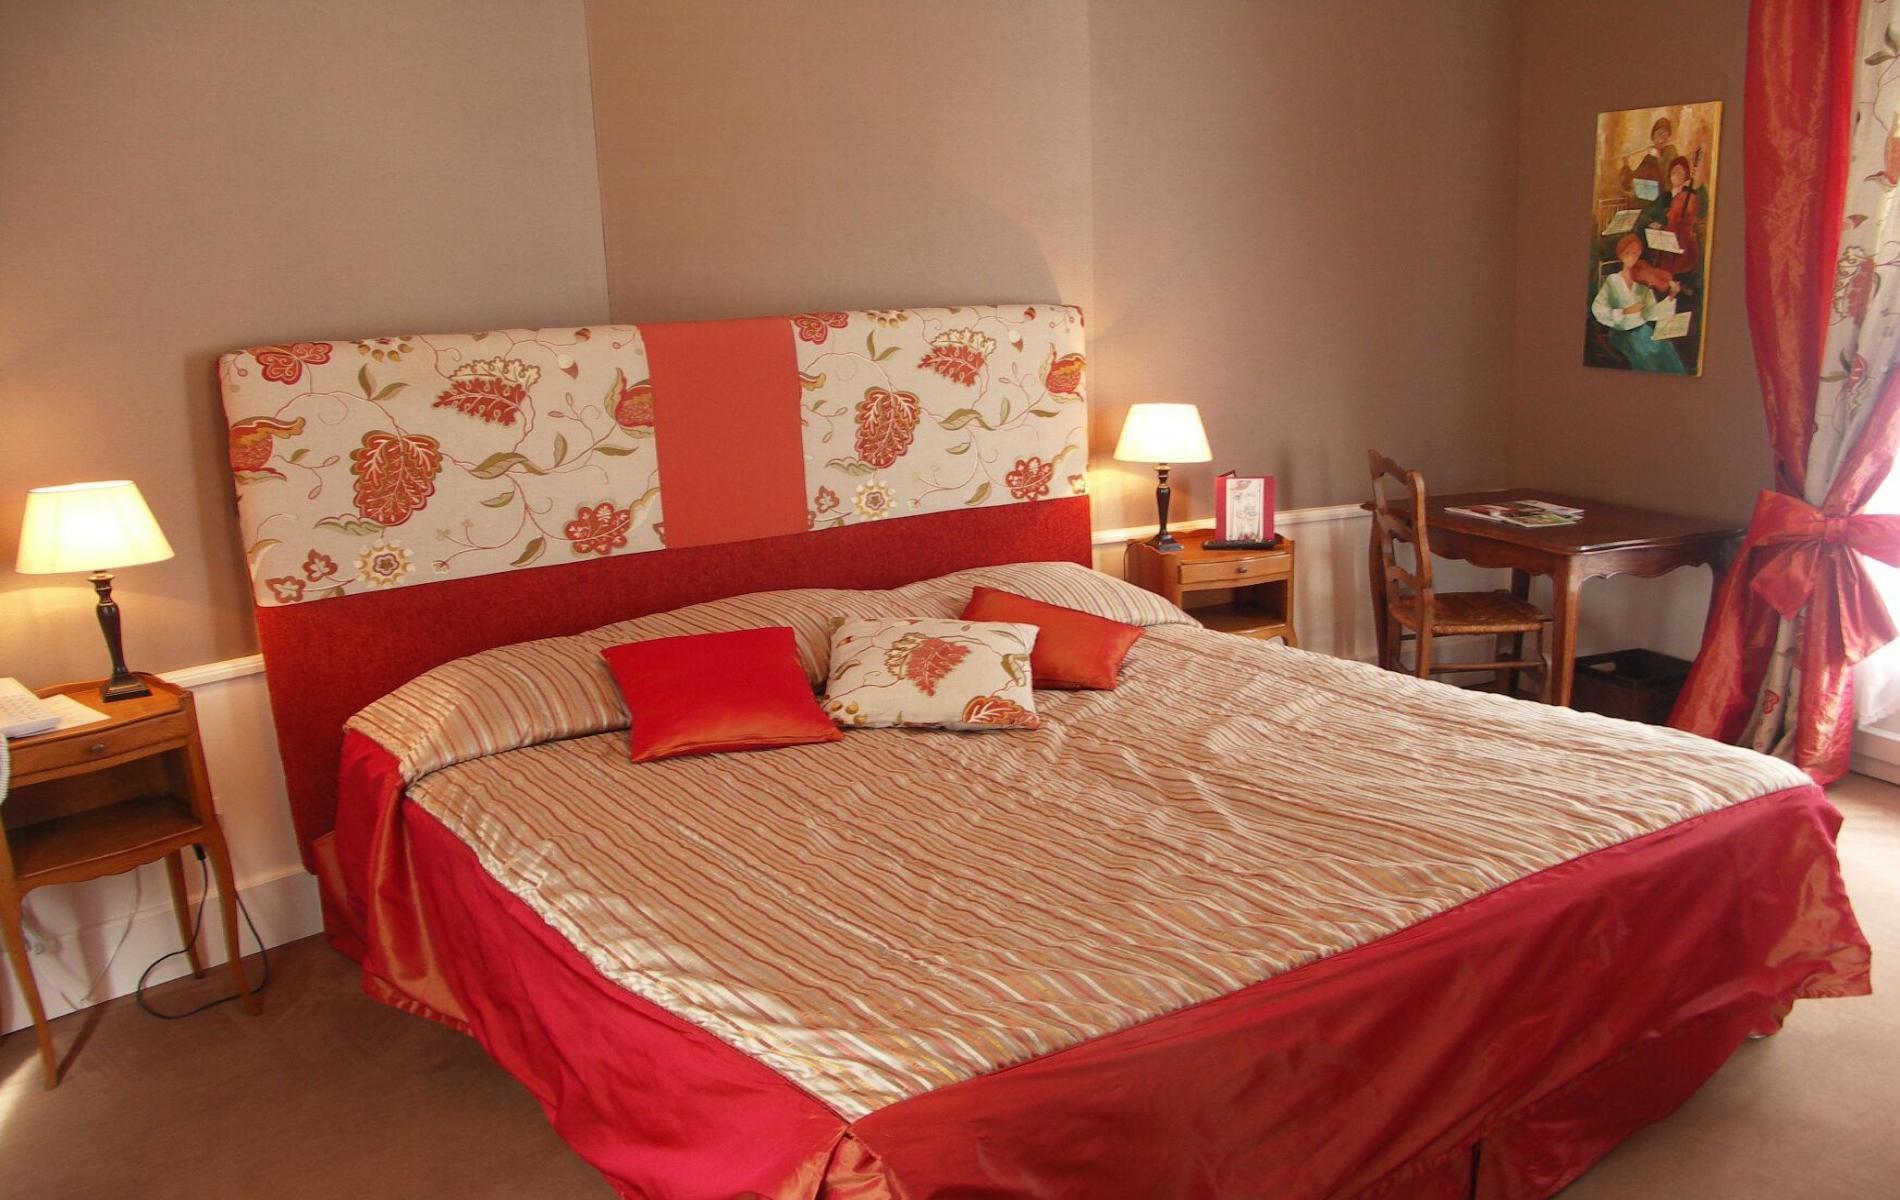 Hotel logis bagnoles de l orne tarifs et offres du roc for Hotel du collectionneur nombre de chambres